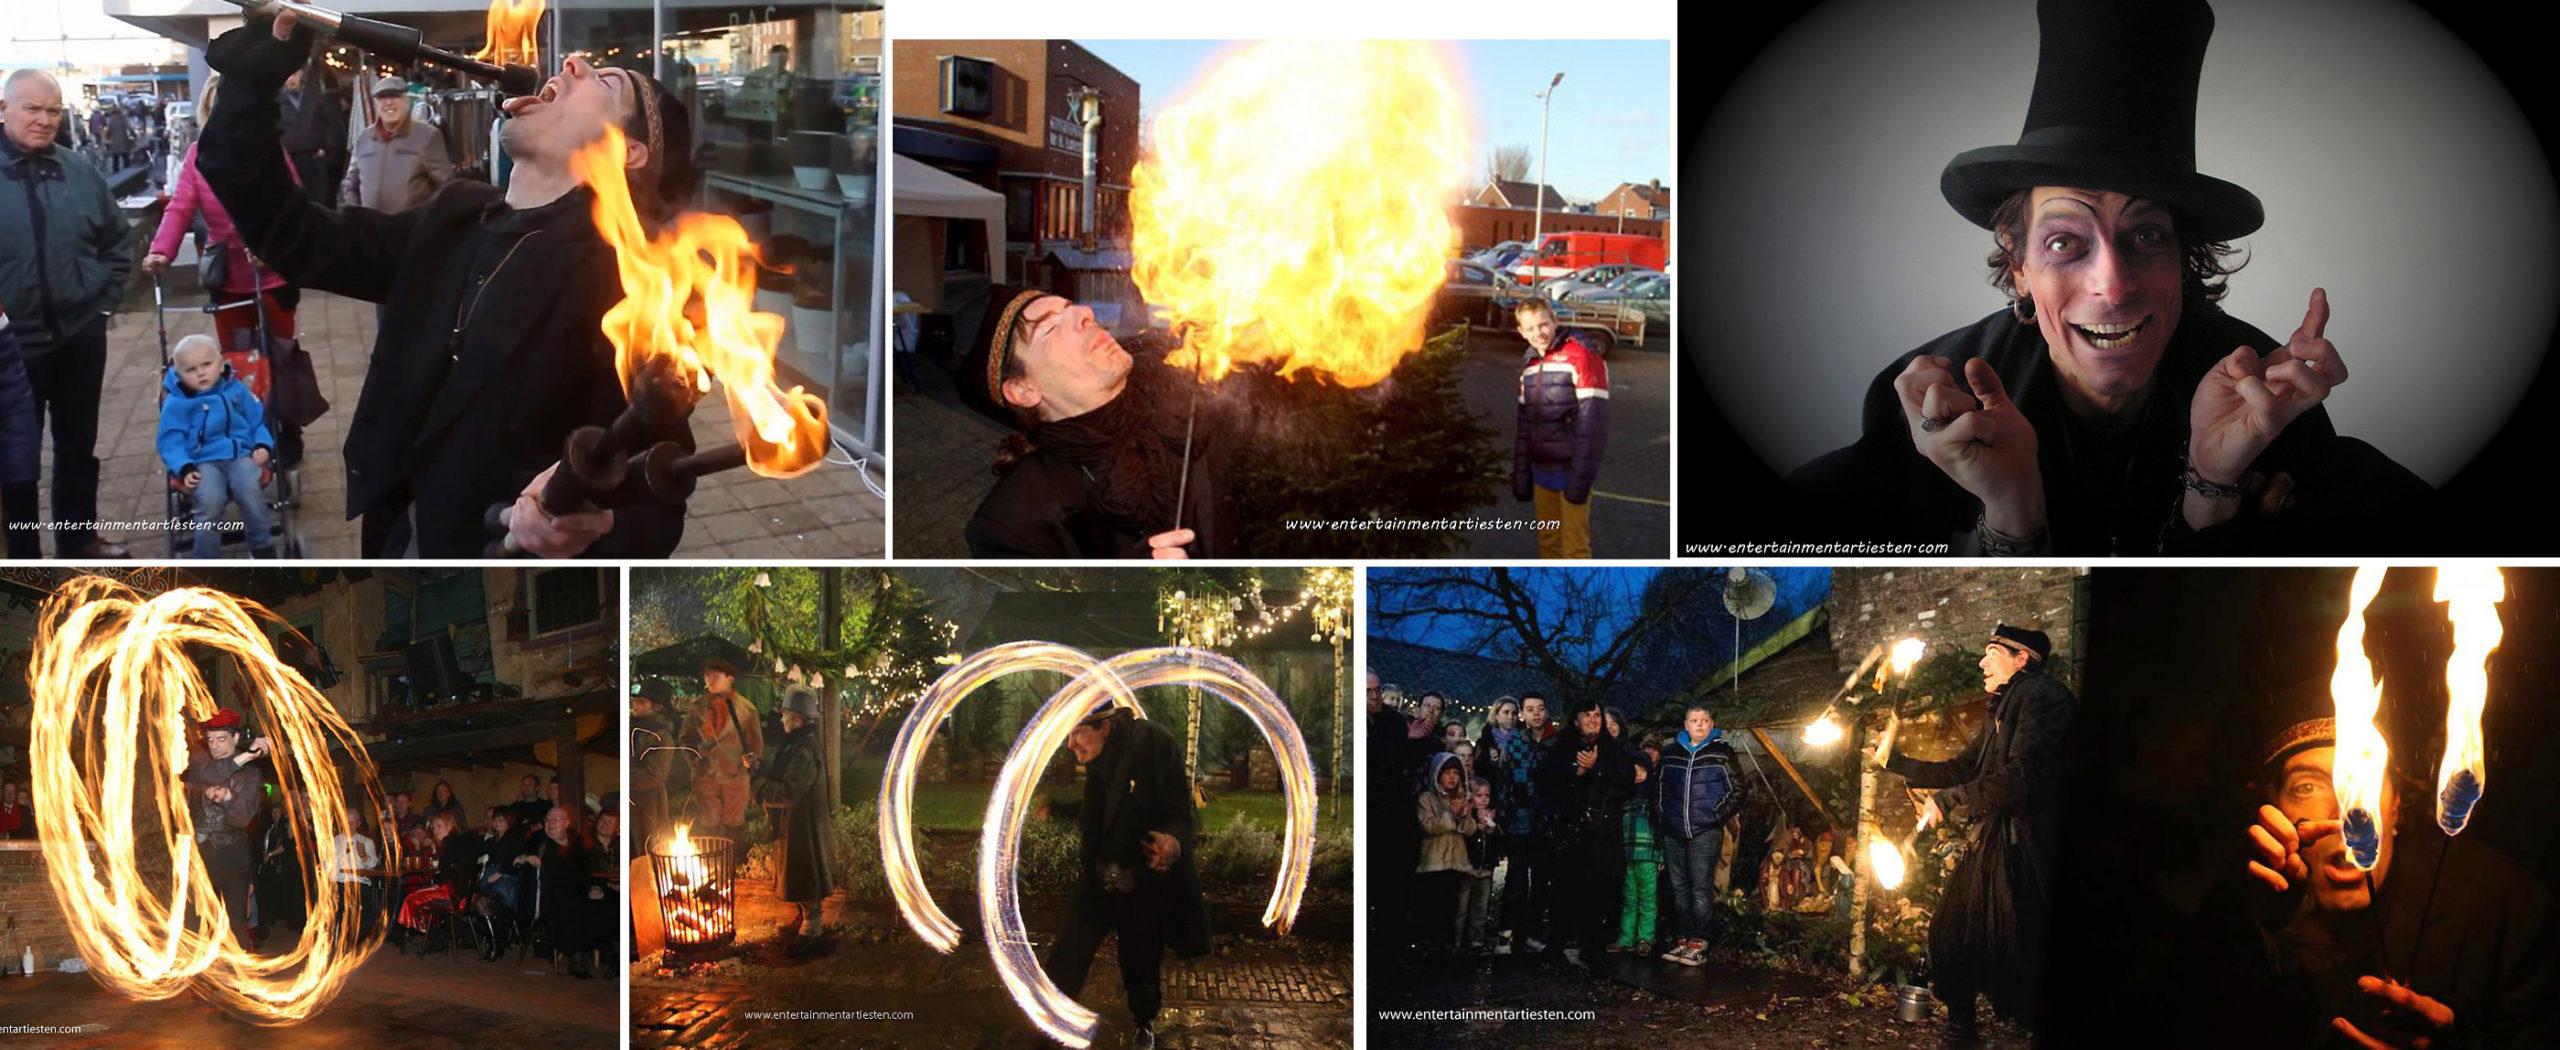 De Vuurfreak, vuurvreter verzorgt een mooie spectaculaire straattheatershow om naar te kijken. Vuuranimatie Vuurvreten, Vuurspuwer boeken, vuurspugen, vuurspuger, fakir, vuur entertainment, vuuract, act met vuur, Vuurshow, vuur jongleren, evenement organiseren, festival artiesten, entertainment, animatie acts, animatieact, Straattheater, straatartiesten, artiesten boeken, artiestenbureau, artiestenburo, themafeest, Govers Evenementen, www.goversartiesten.nl